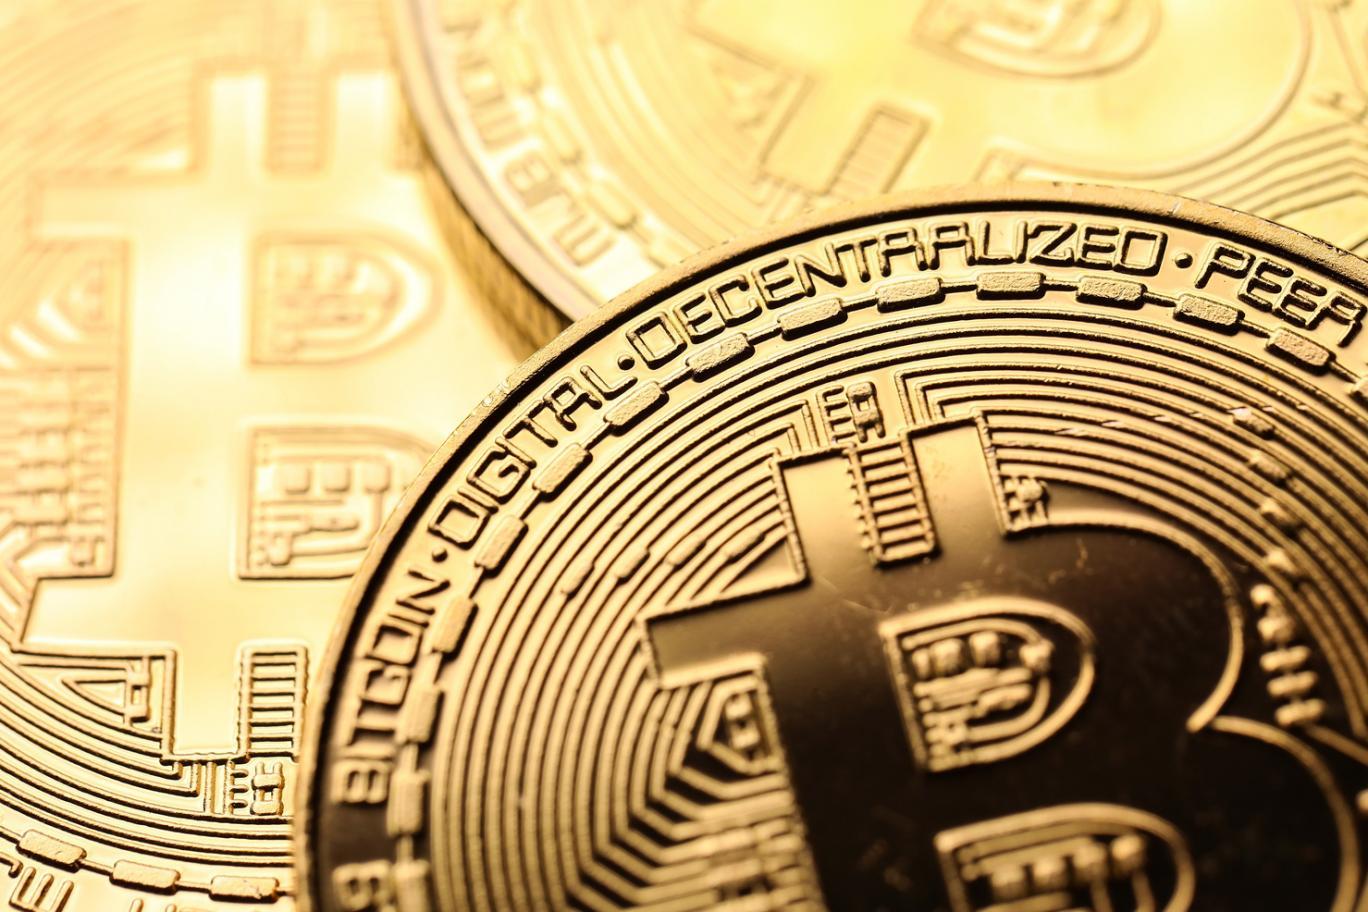 Lloyds Bank blocca acquisto di Bitcoin dalle proprie carte di credito - La Fed: il Bitcoin non può competere con la fiducia